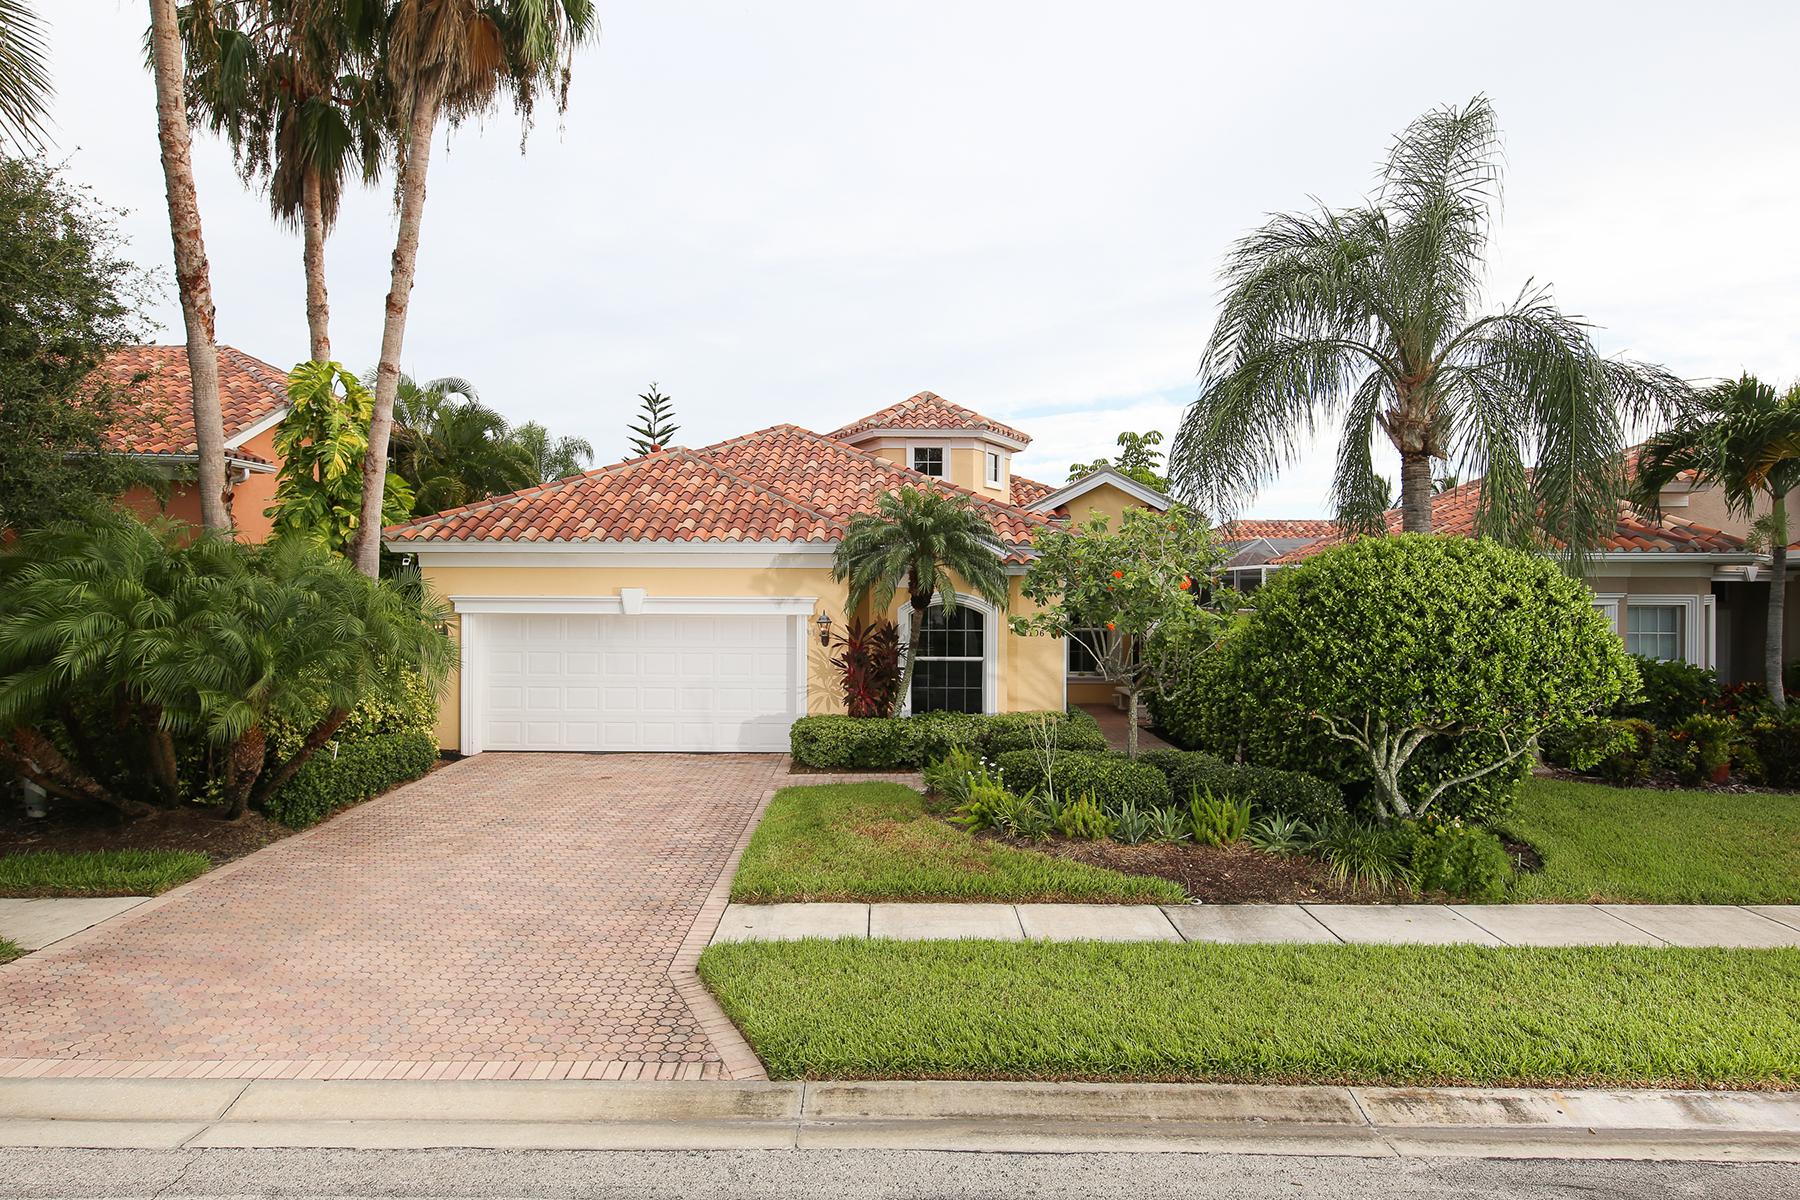 Einfamilienhaus für Verkauf beim RIVIERS DUNES 1106 3rd St E Palmetto, Florida, 34221 Vereinigte Staaten